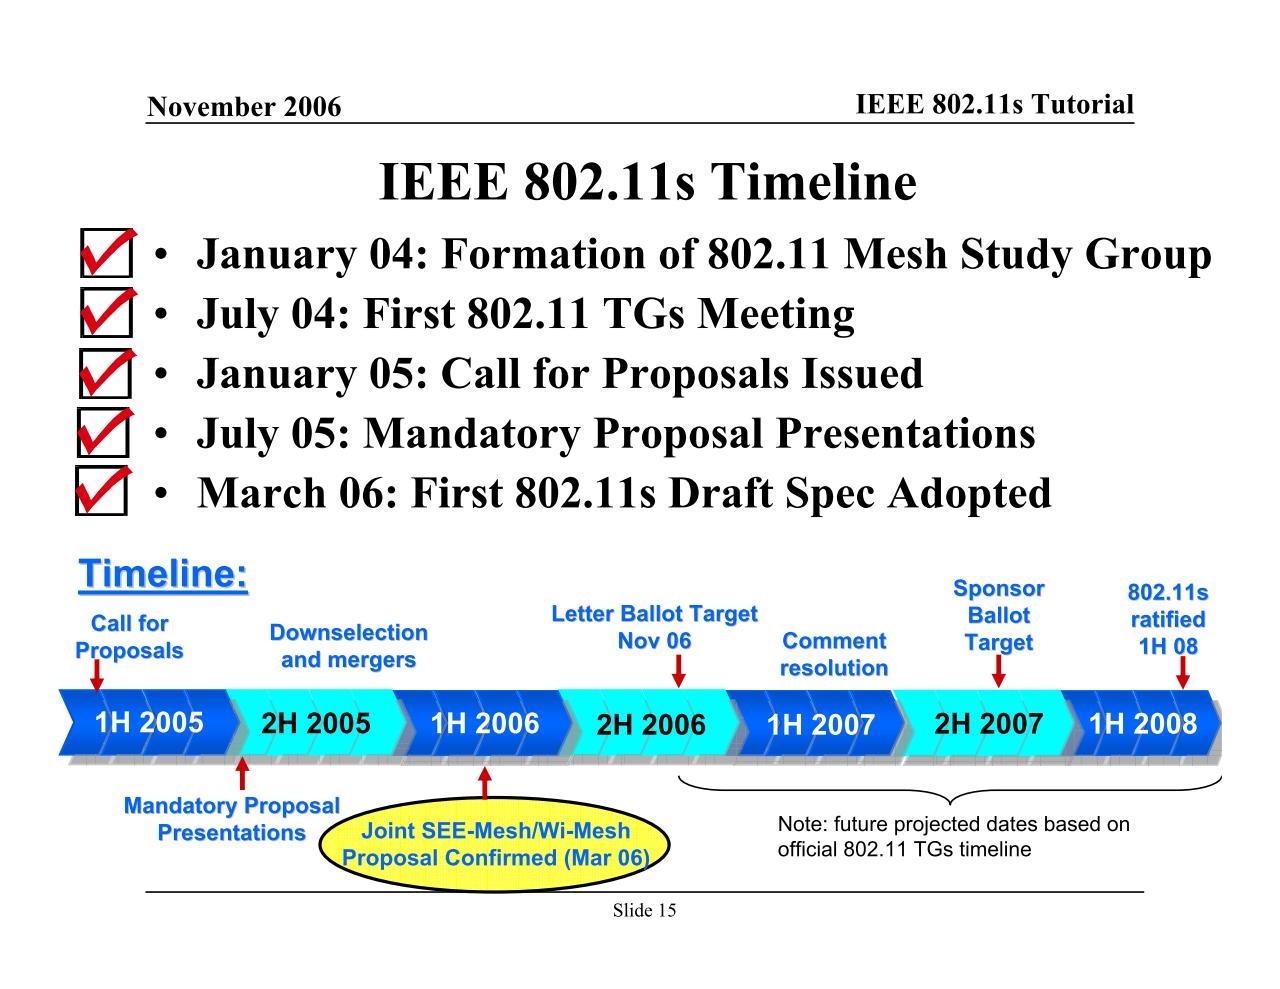 """出典は2006年11月に開催されたIEEE 802 Plenary Sessionにおける「<a href=""""http://www.ieee802.org/802_tutorials/06-November/802.11s_Tutorial_r5.pdf"""" class=""""n"""" target=""""_blank"""">IEEE 802.11s Tutorial</a>」のスライド。この頃は、以降の標準策定で揉めることは誰も想像していなかった模様"""